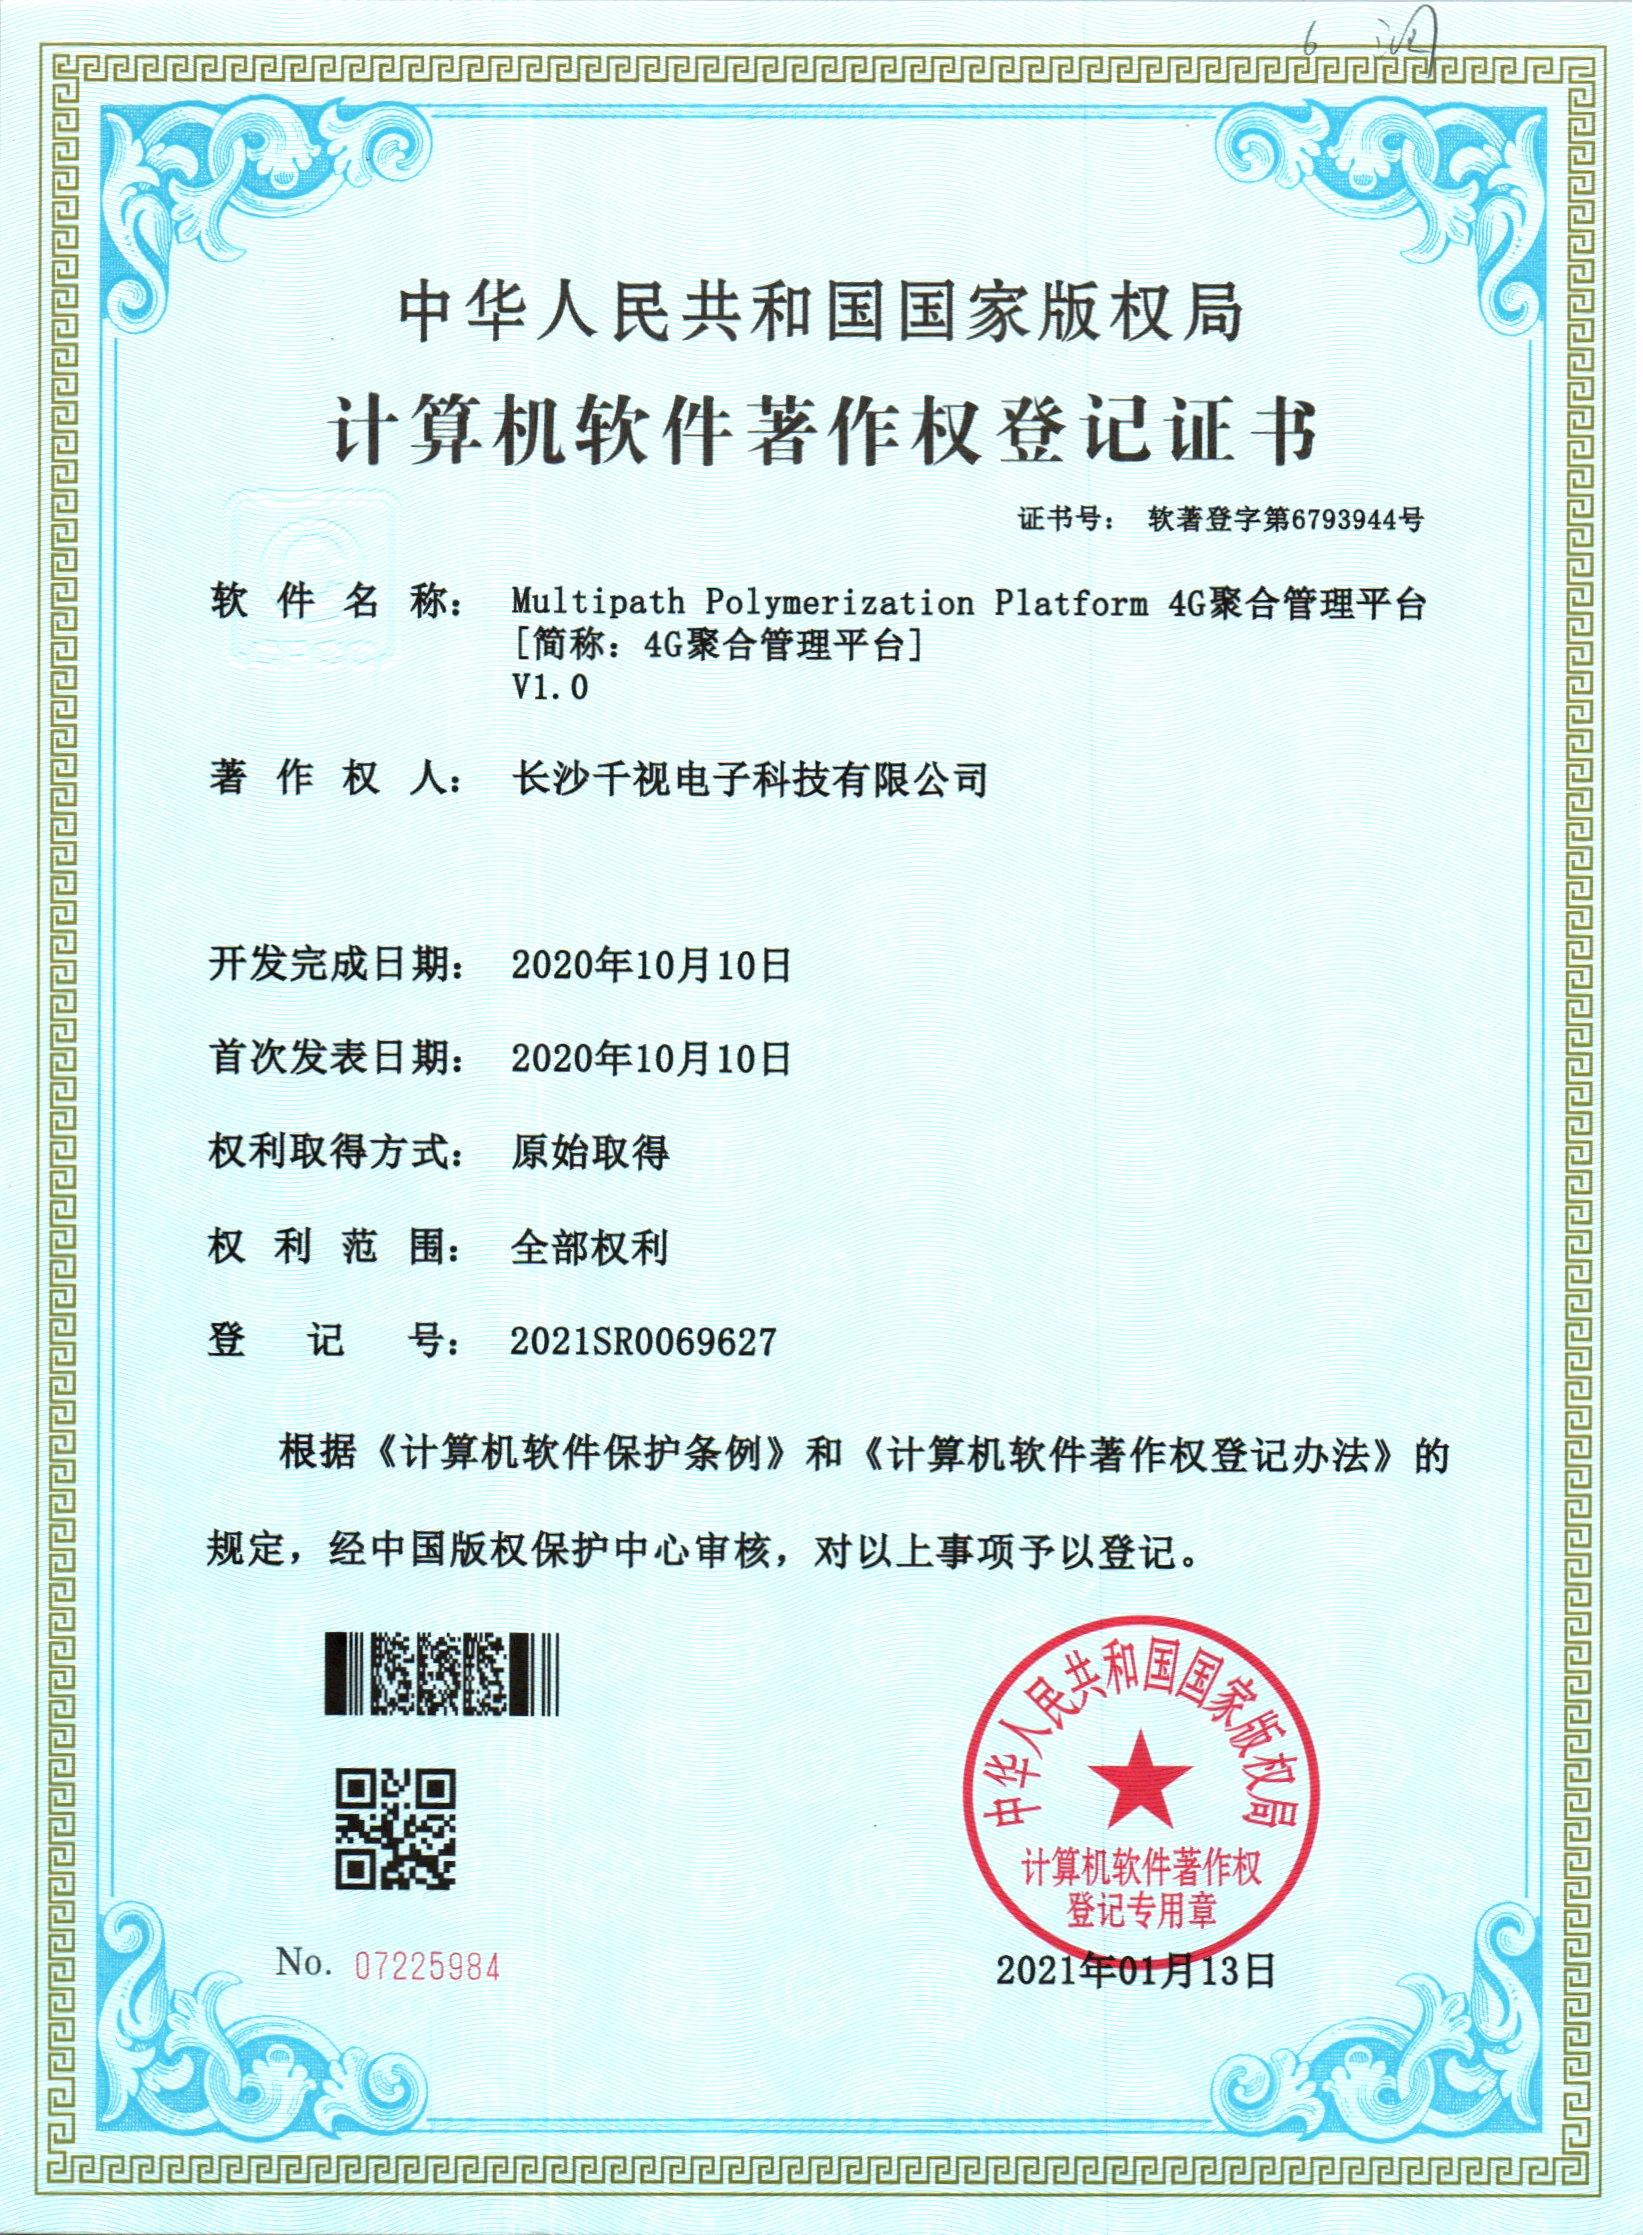 4G聚合管理平台软著证书